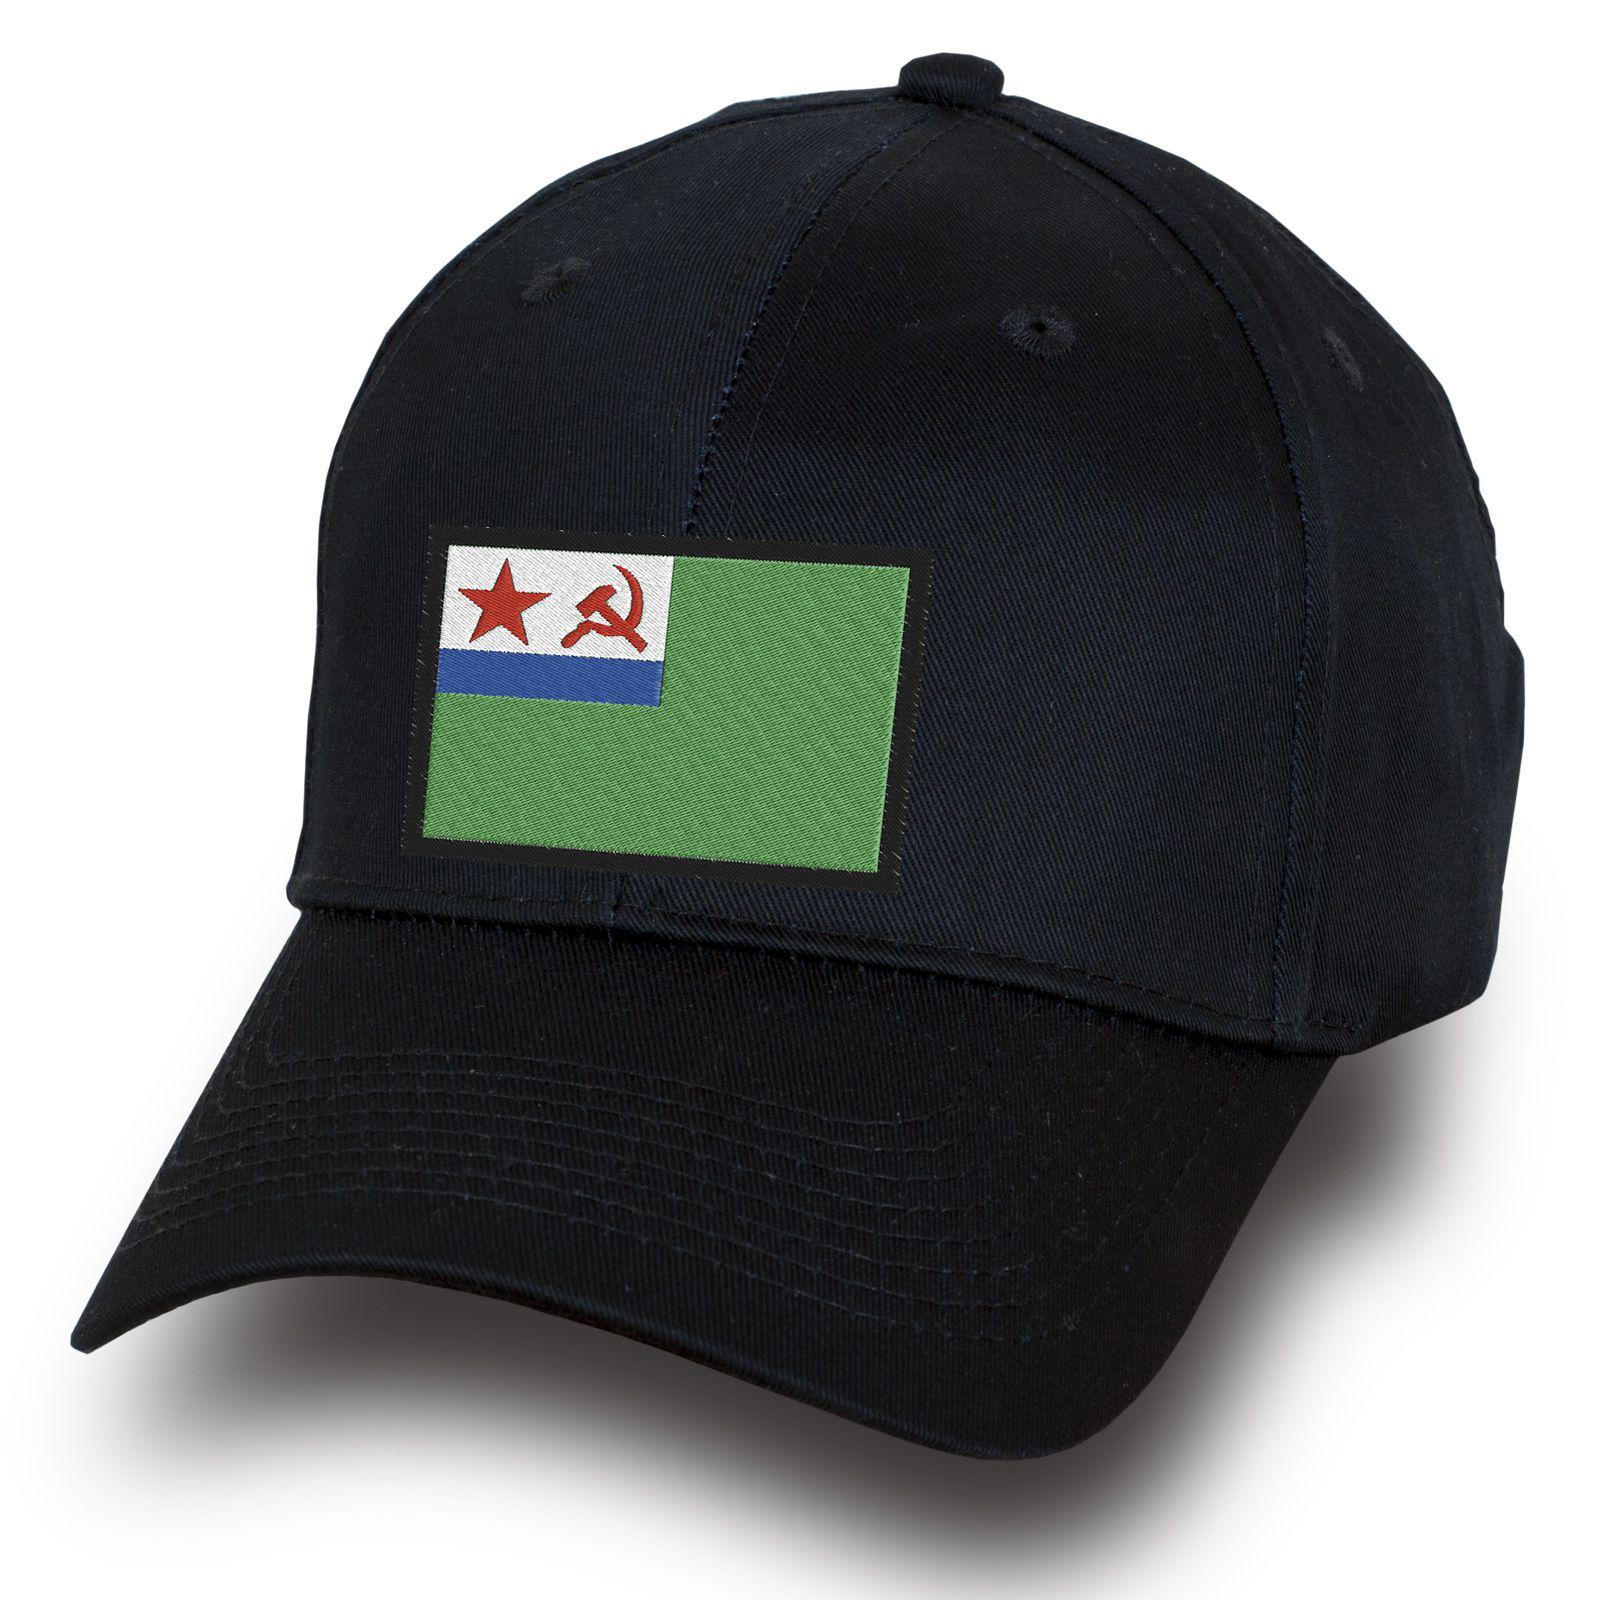 Черная бейсболка с нашивкой МЧПВ СССР - купить с доставкой